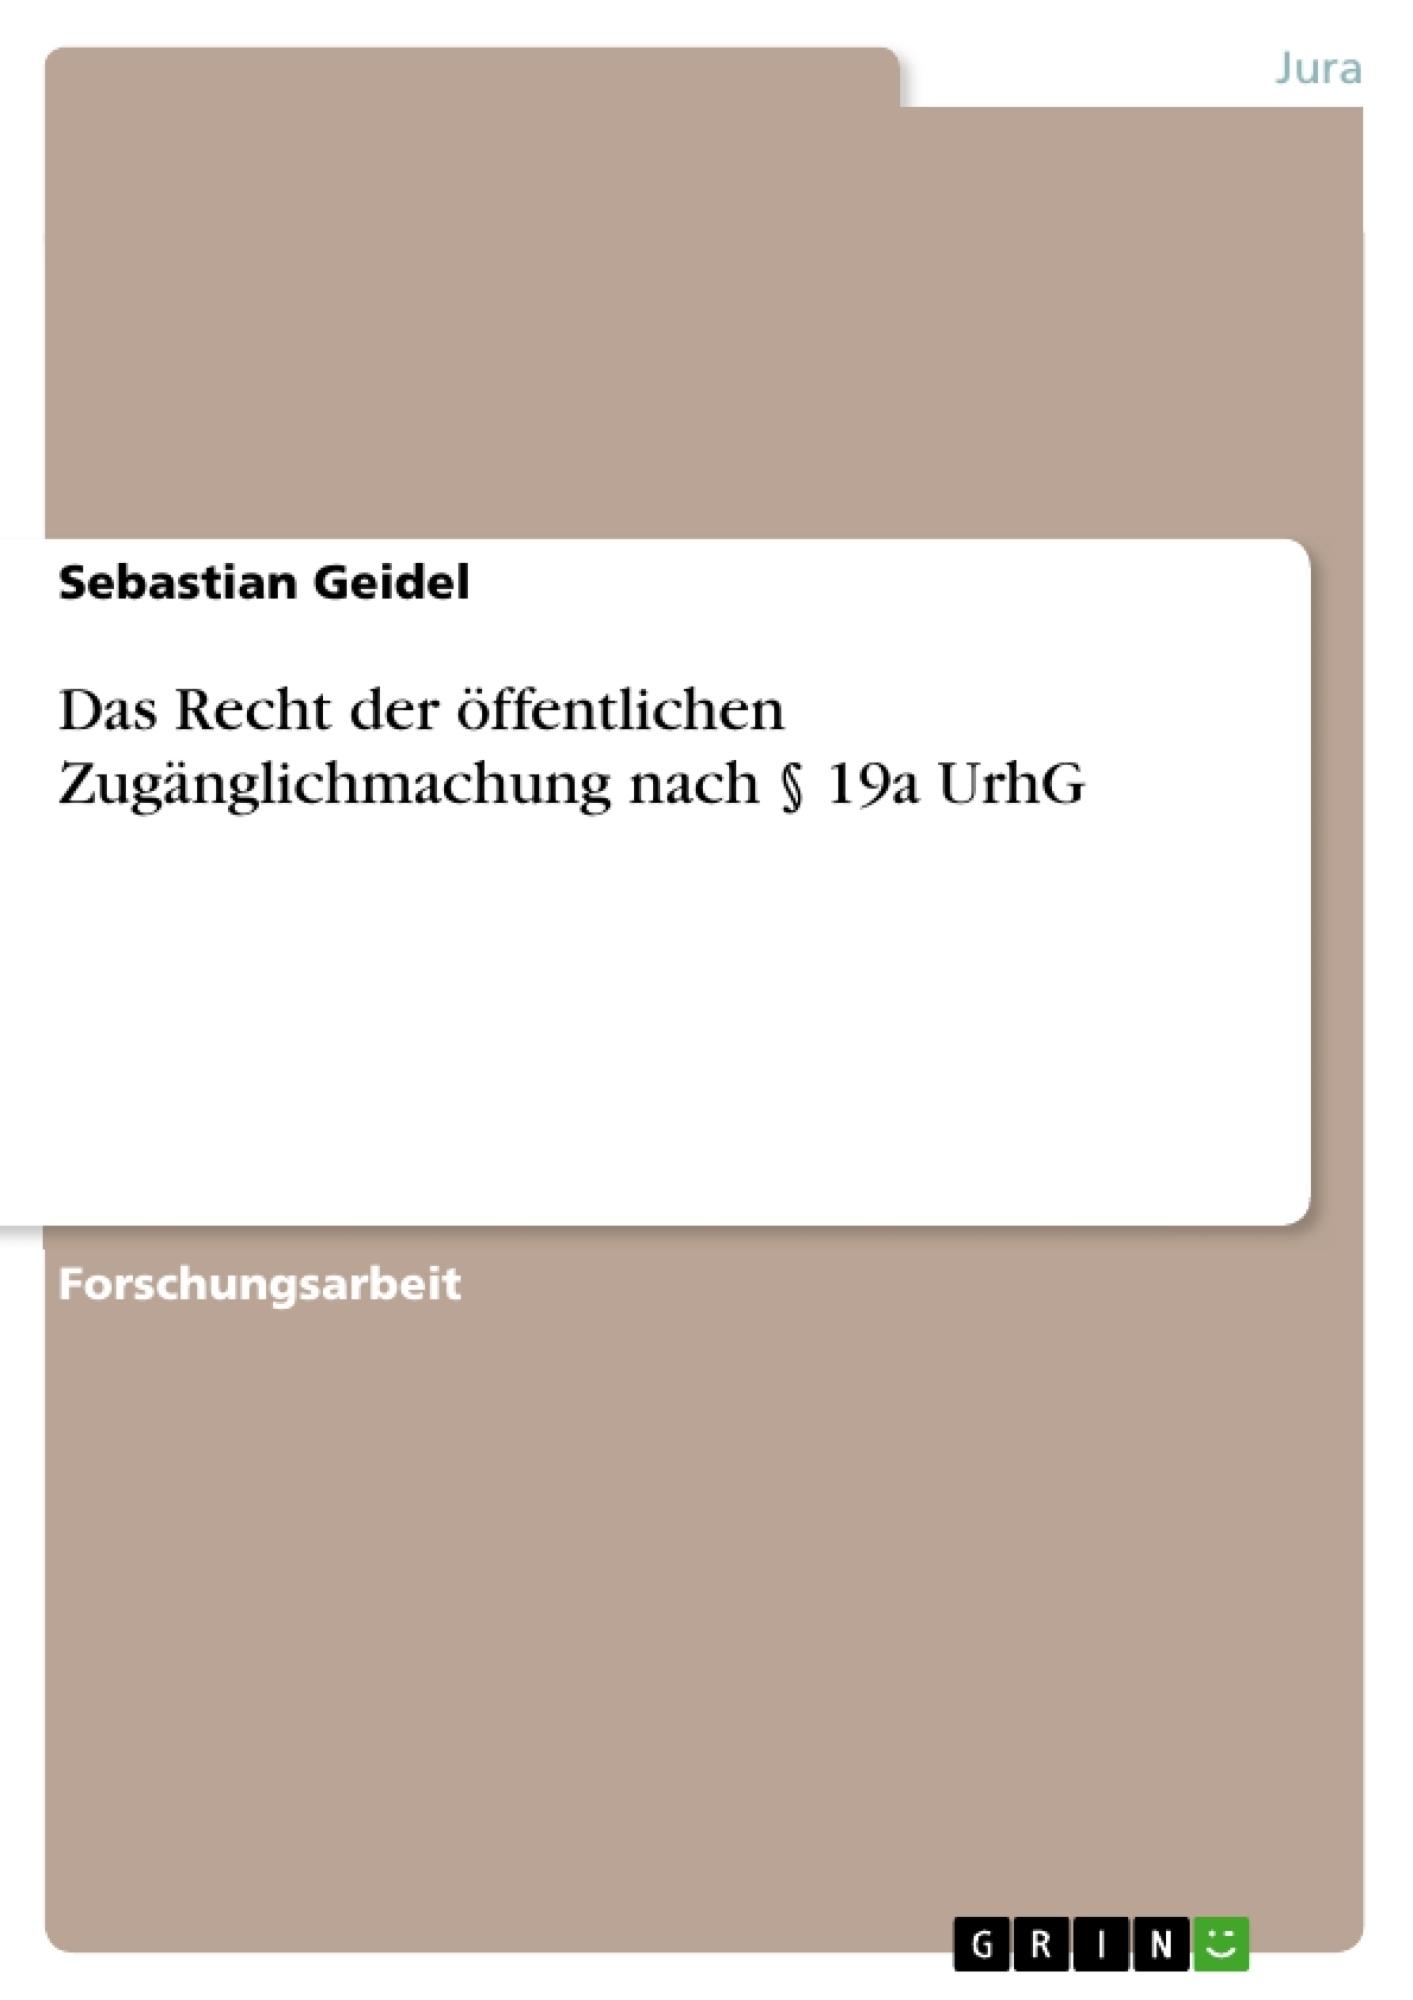 Titel: Das Recht der öffentlichen Zugänglichmachung nach § 19a UrhG